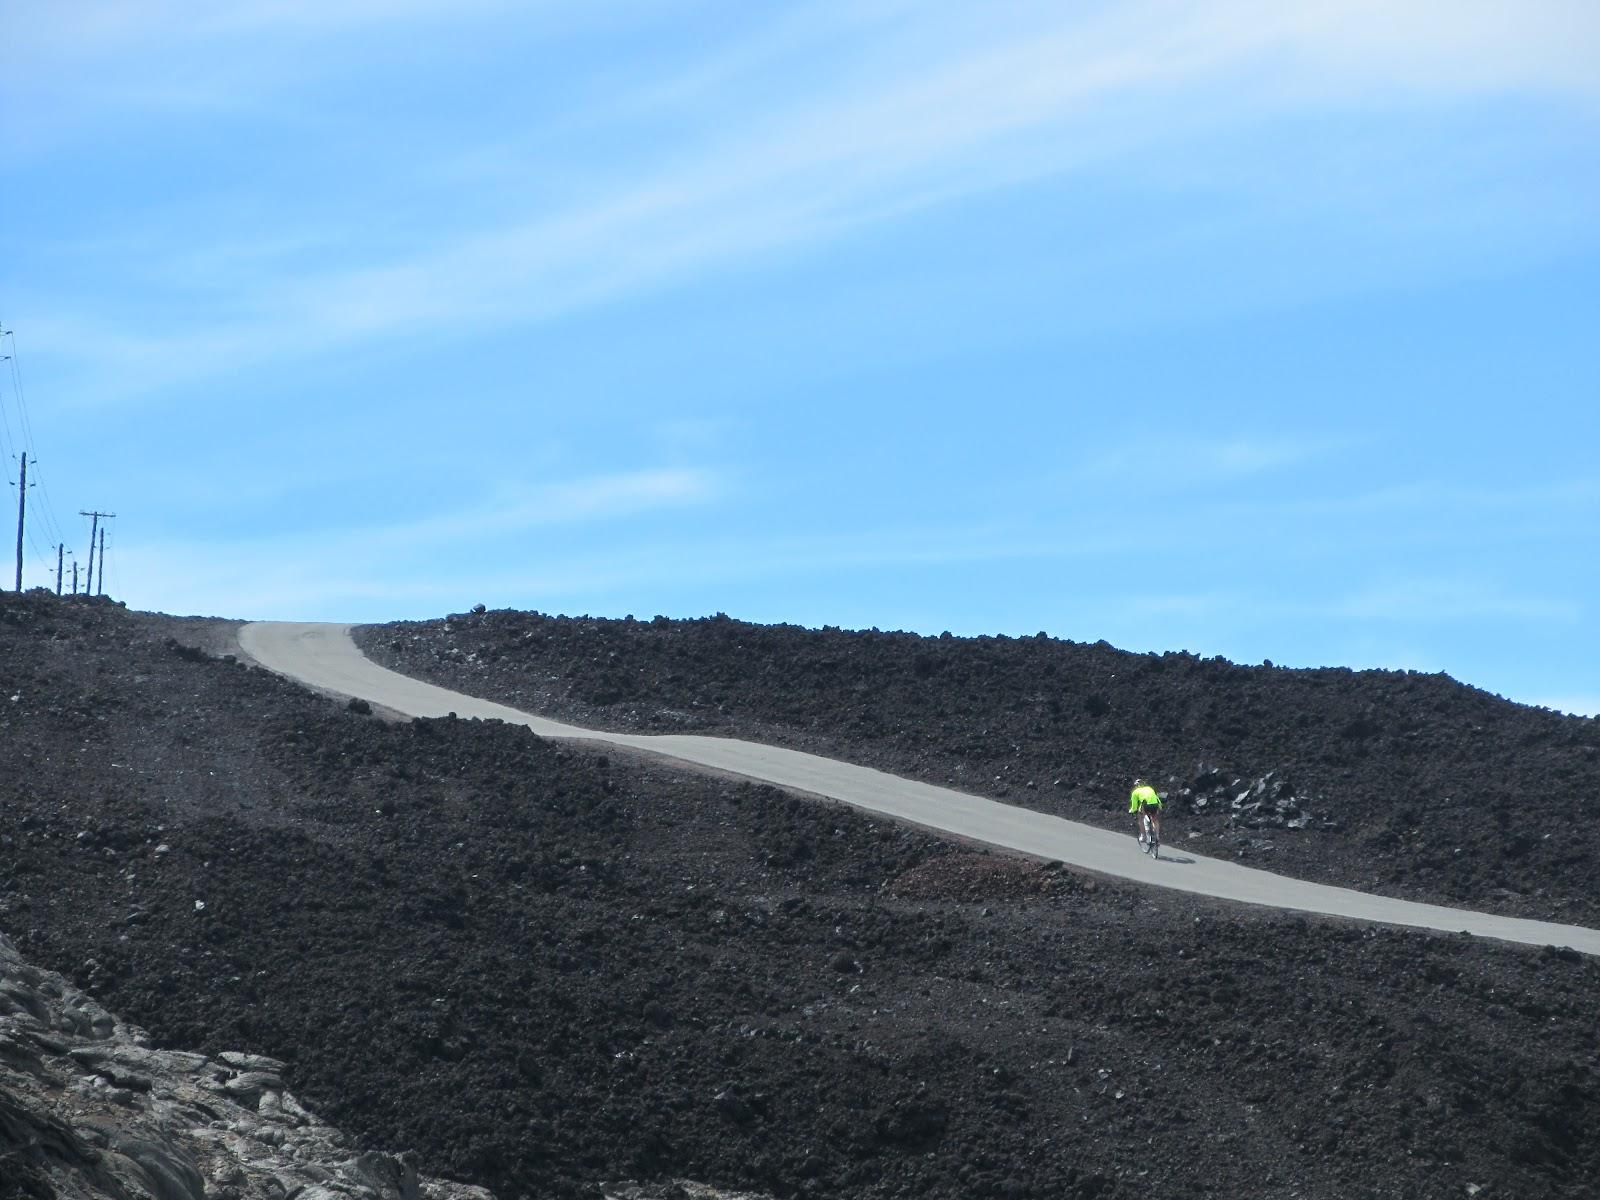 Climbing by bike Mauna Loa Volcano - cyclist climbing steep section of Mauna Loa Observatory Road